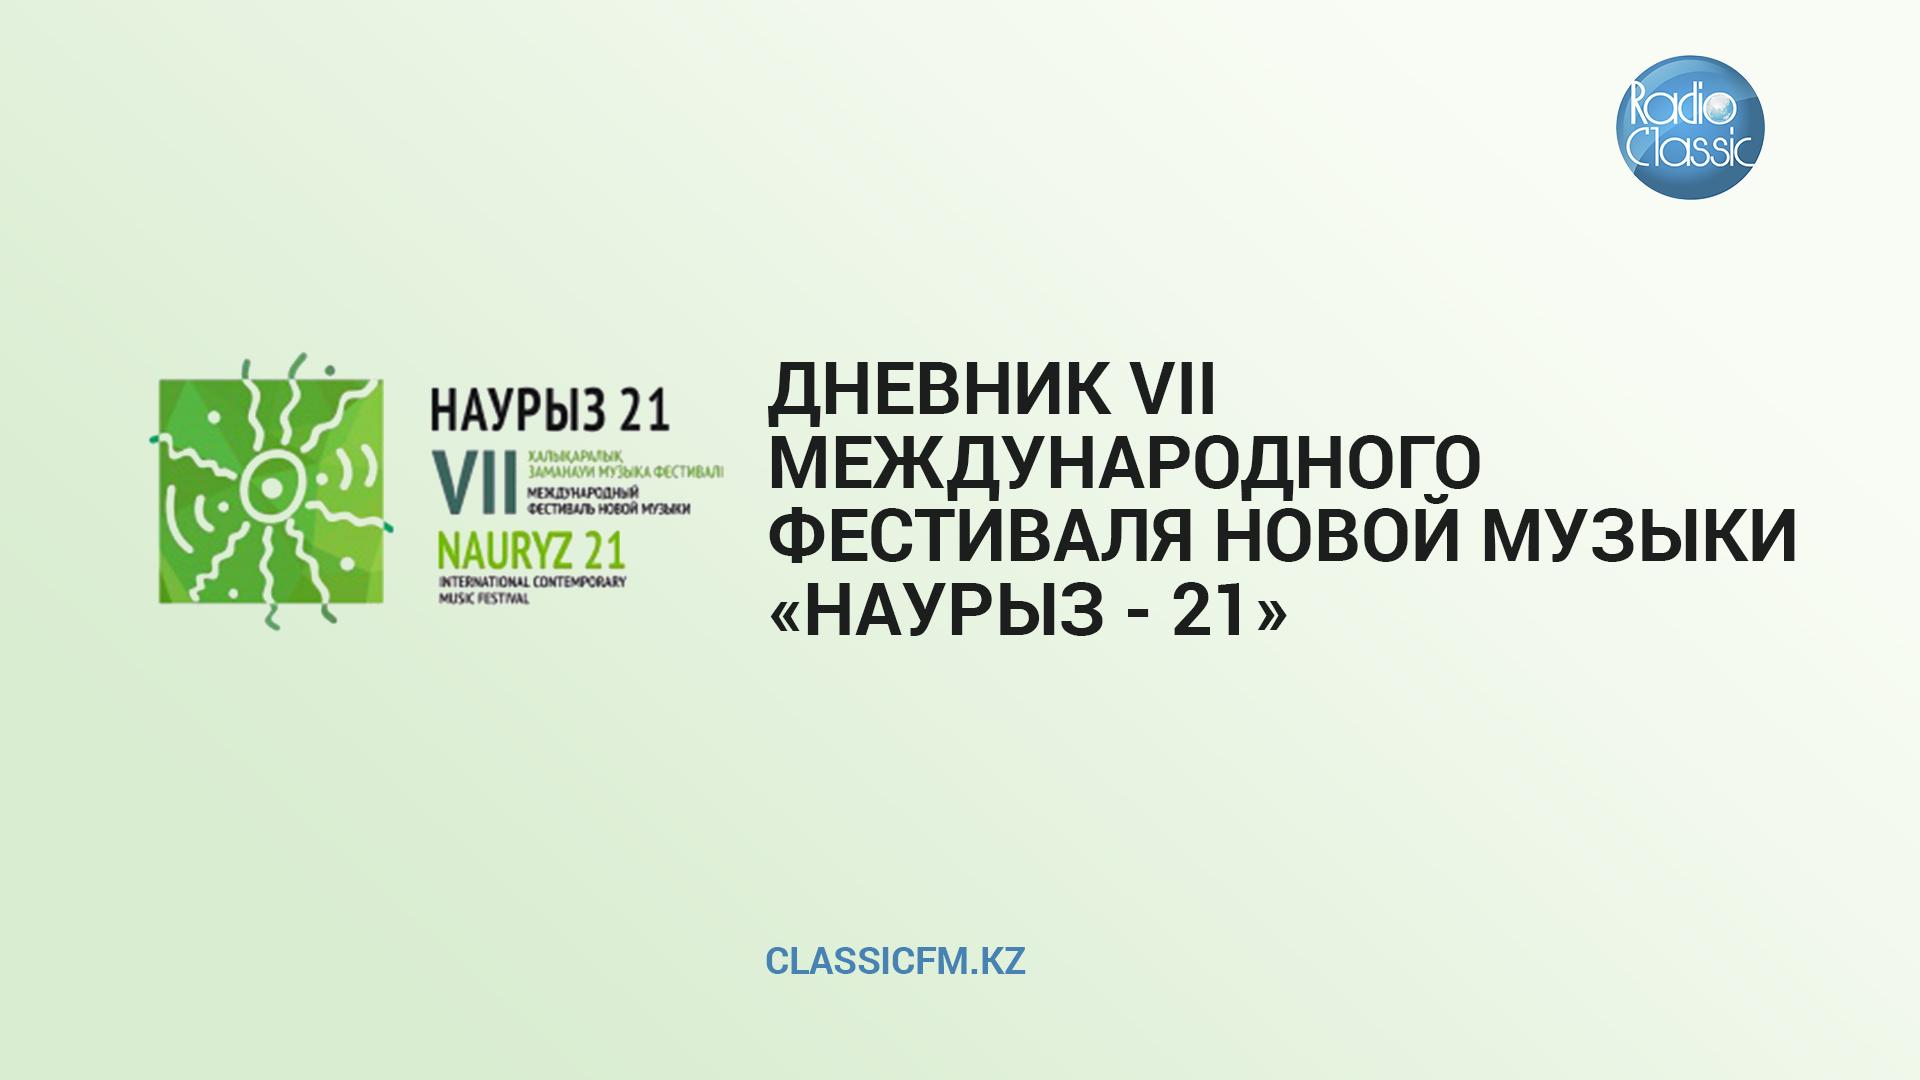 Дневник VII Международного фестиваля новой музыки